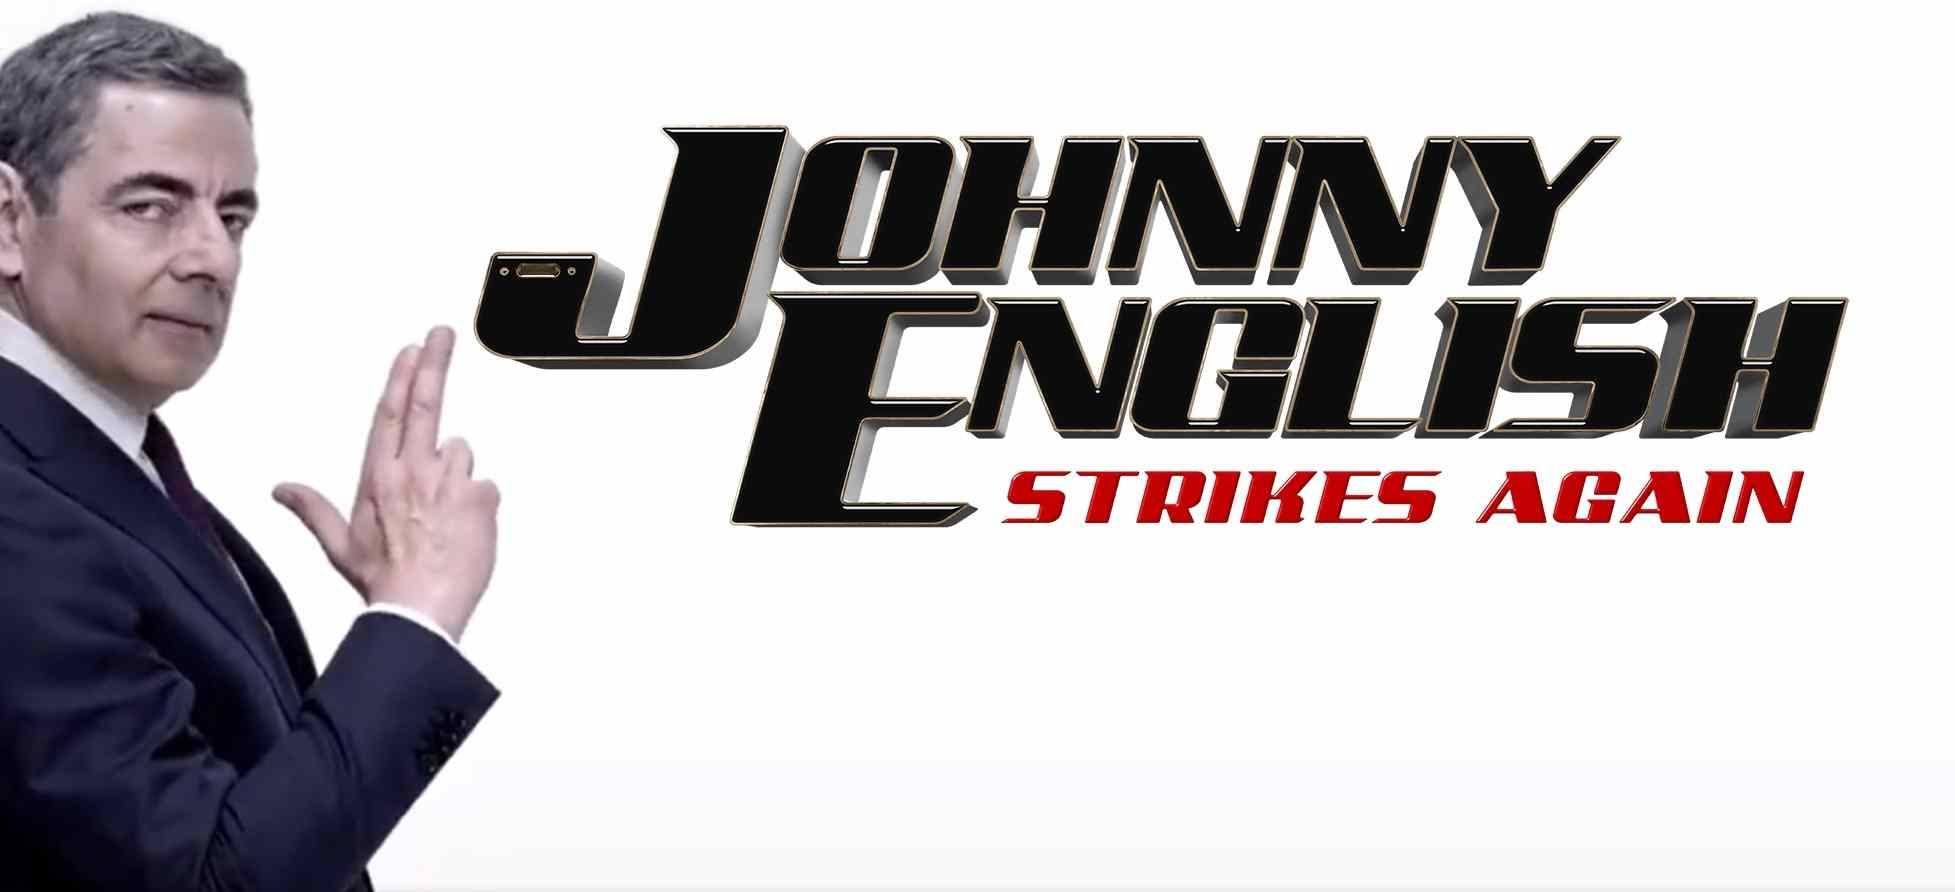 جانی اینگلیش 3